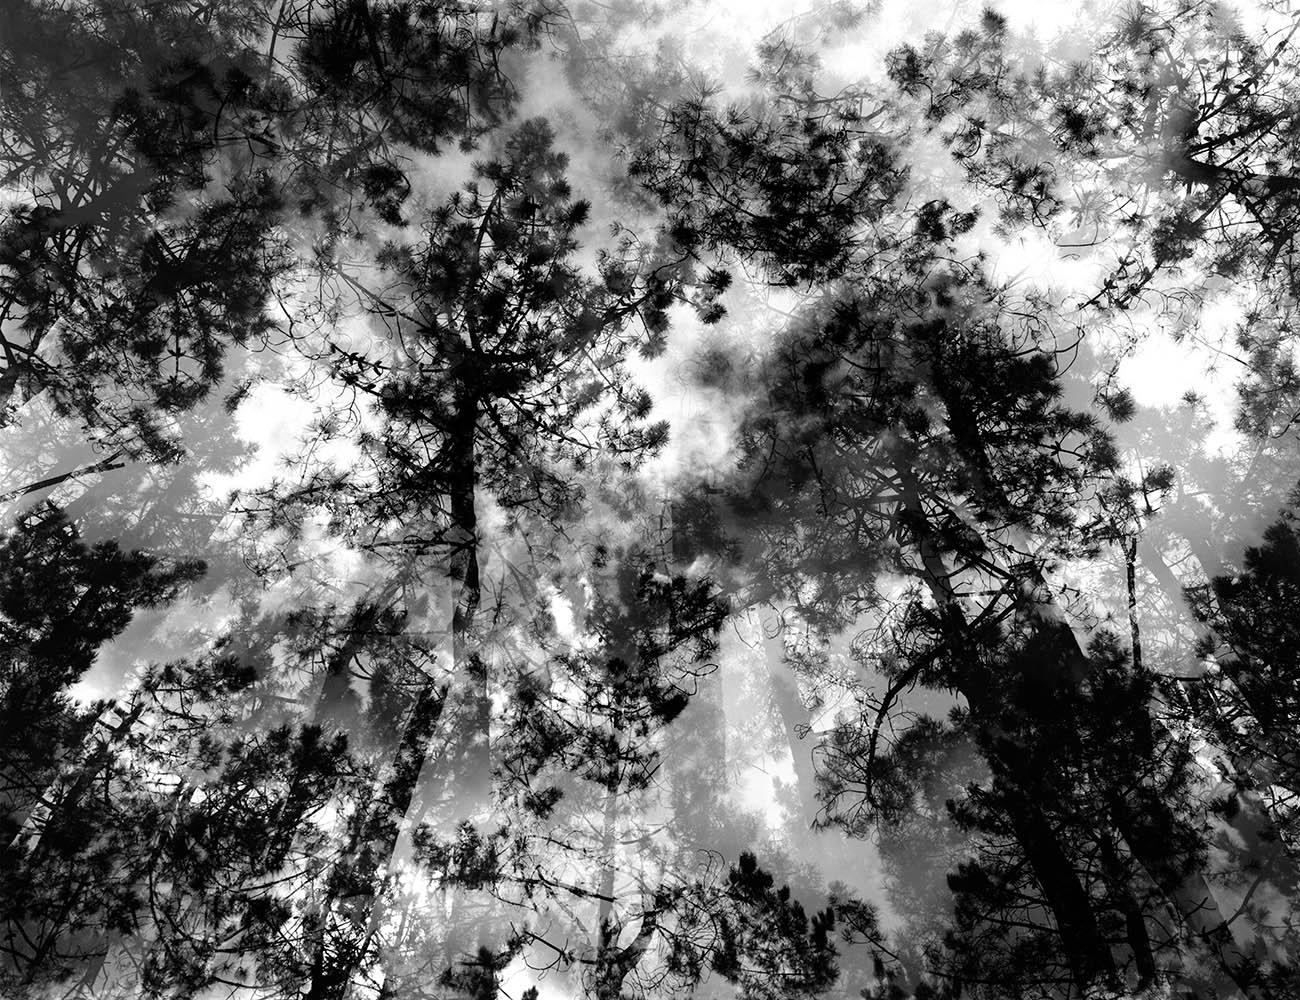 Caleidoscopio en escala de grises - FERNANDO PUCHE,  NATURE  PHOTOGRAPHY  BEYOND  OBVIOUS